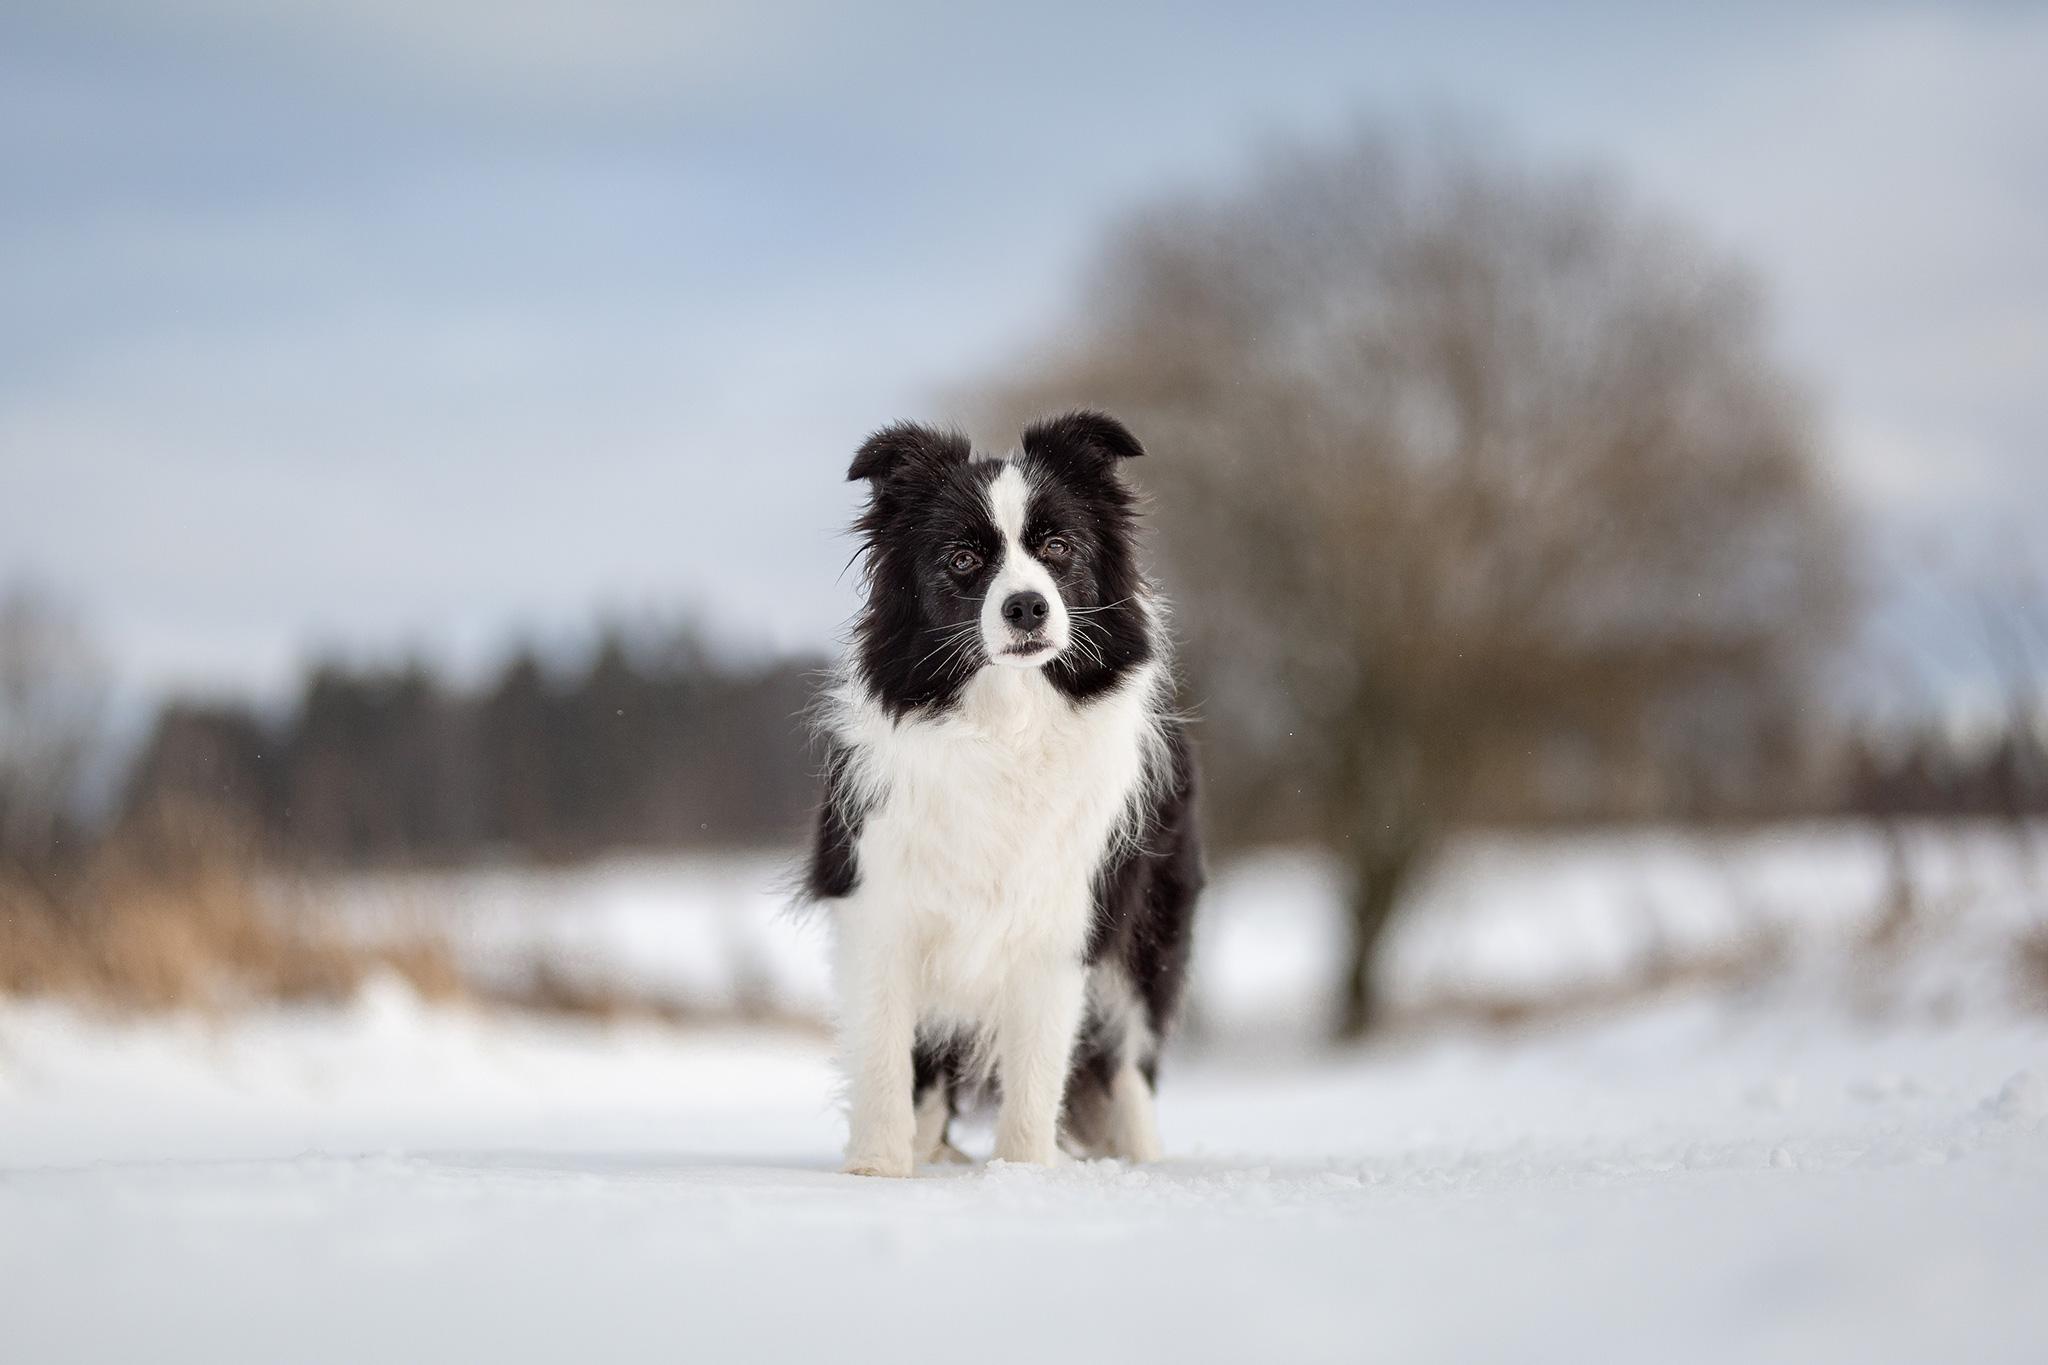 28|12|2020 – Schneespaziergang auf der Fuchskaute: Heidi